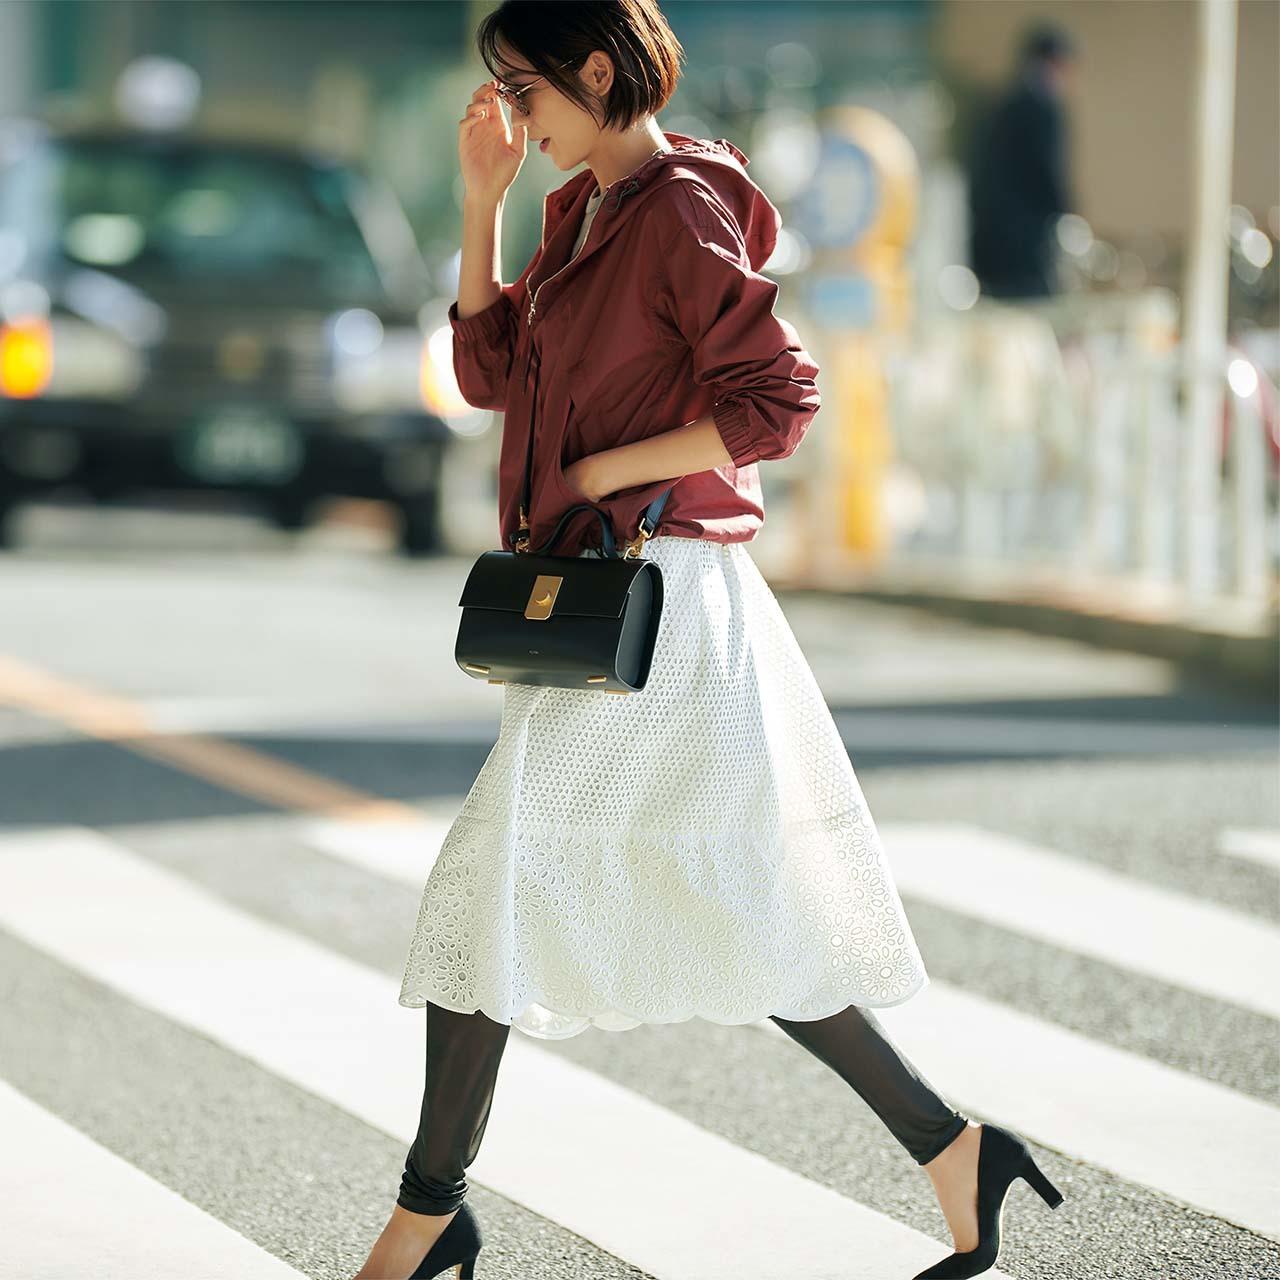 パーカ×レーススカートコーデを着たモデルの竹内友梨さん